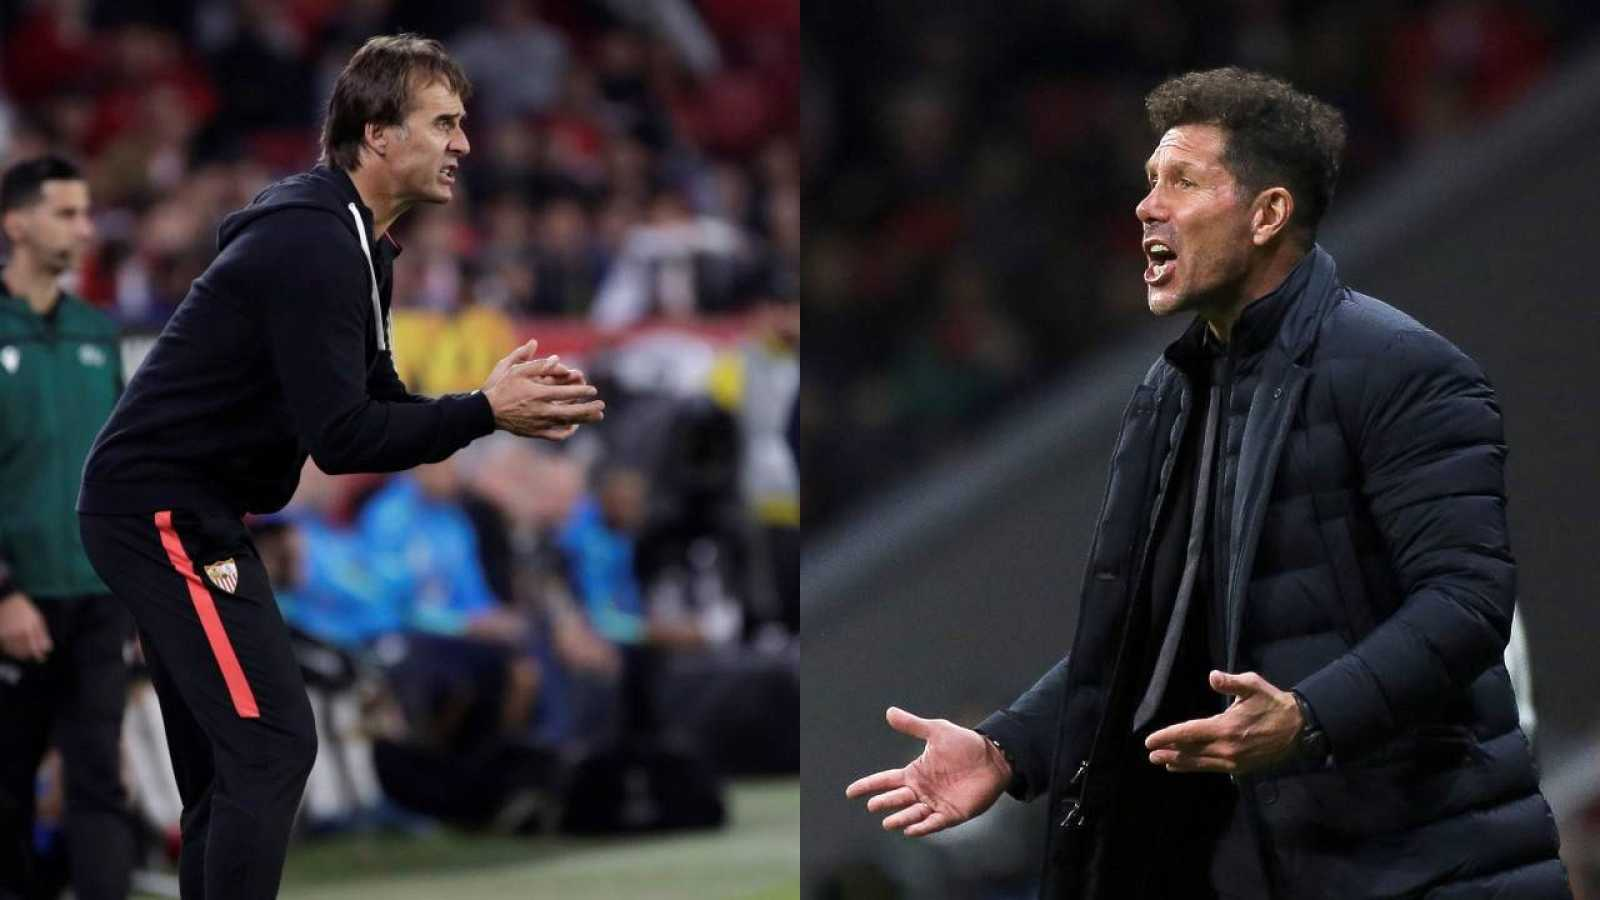 El entrenador del Sevilla, Julen Lopetegui (i) y su homónimo del Atlético de Madrid, Diego Pablo Simeone(d)